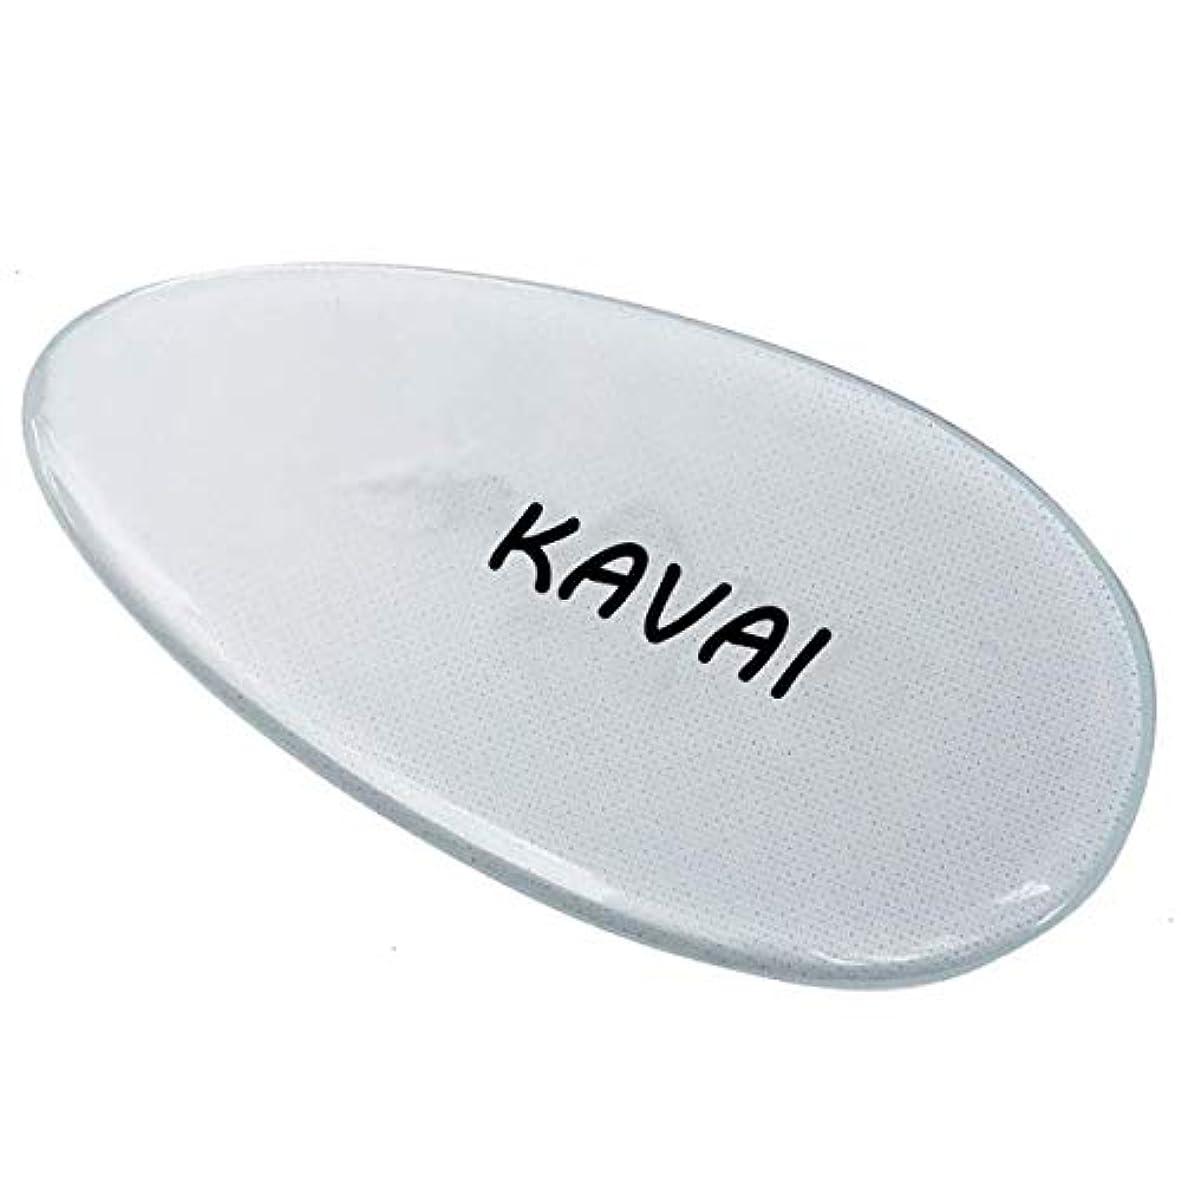 はっきりとハンカチ代表団Kavai かかと削り, かかと 角質取り ガラス, ガラス製かかとやすり 足 かかと削り かかと削り かかと磨き ガラス製 爪やすり (かかと削り)